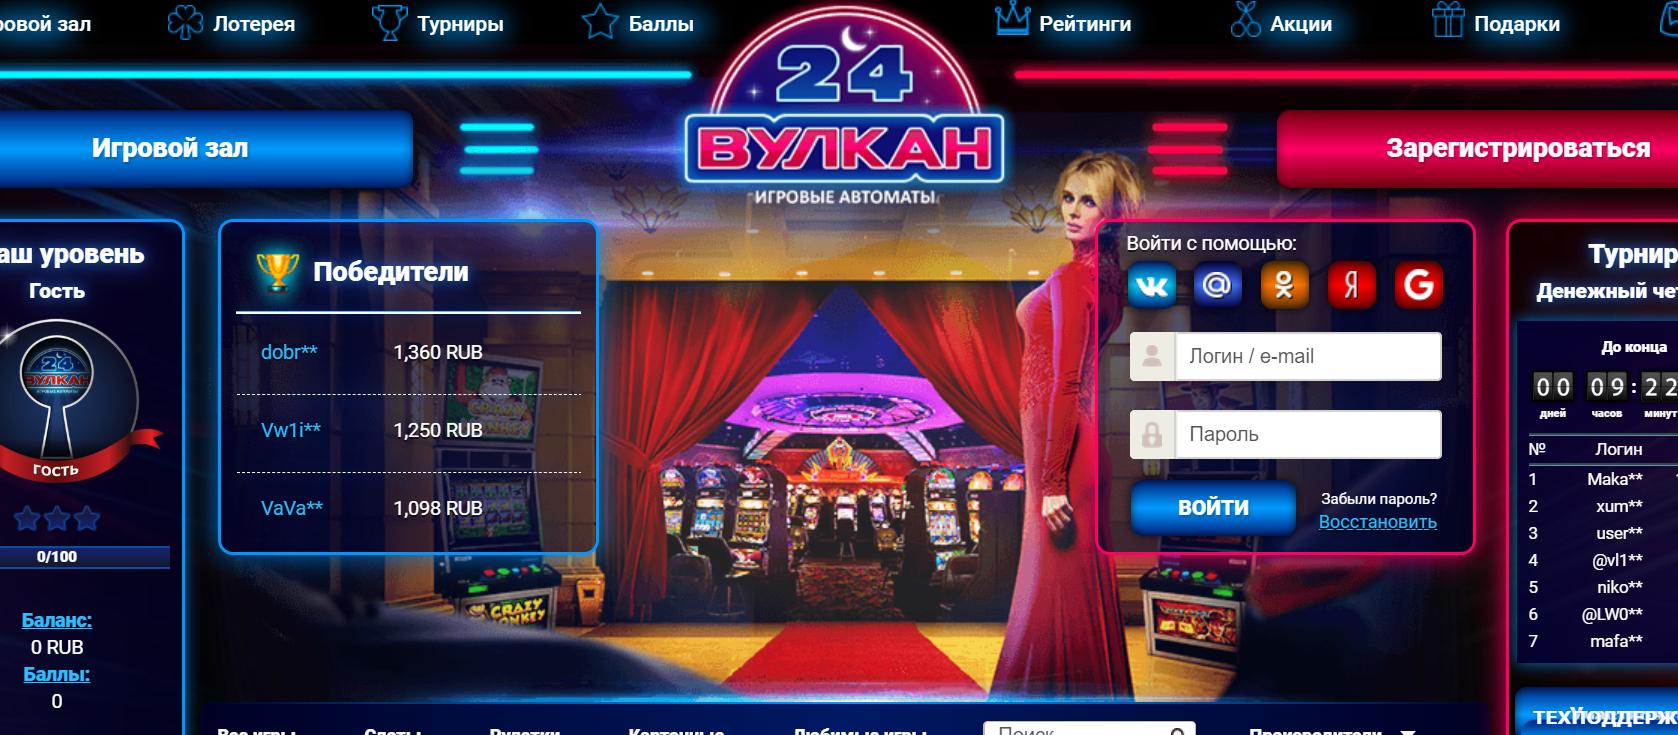 Самые популярные игровые автоматы от Вулкан 24